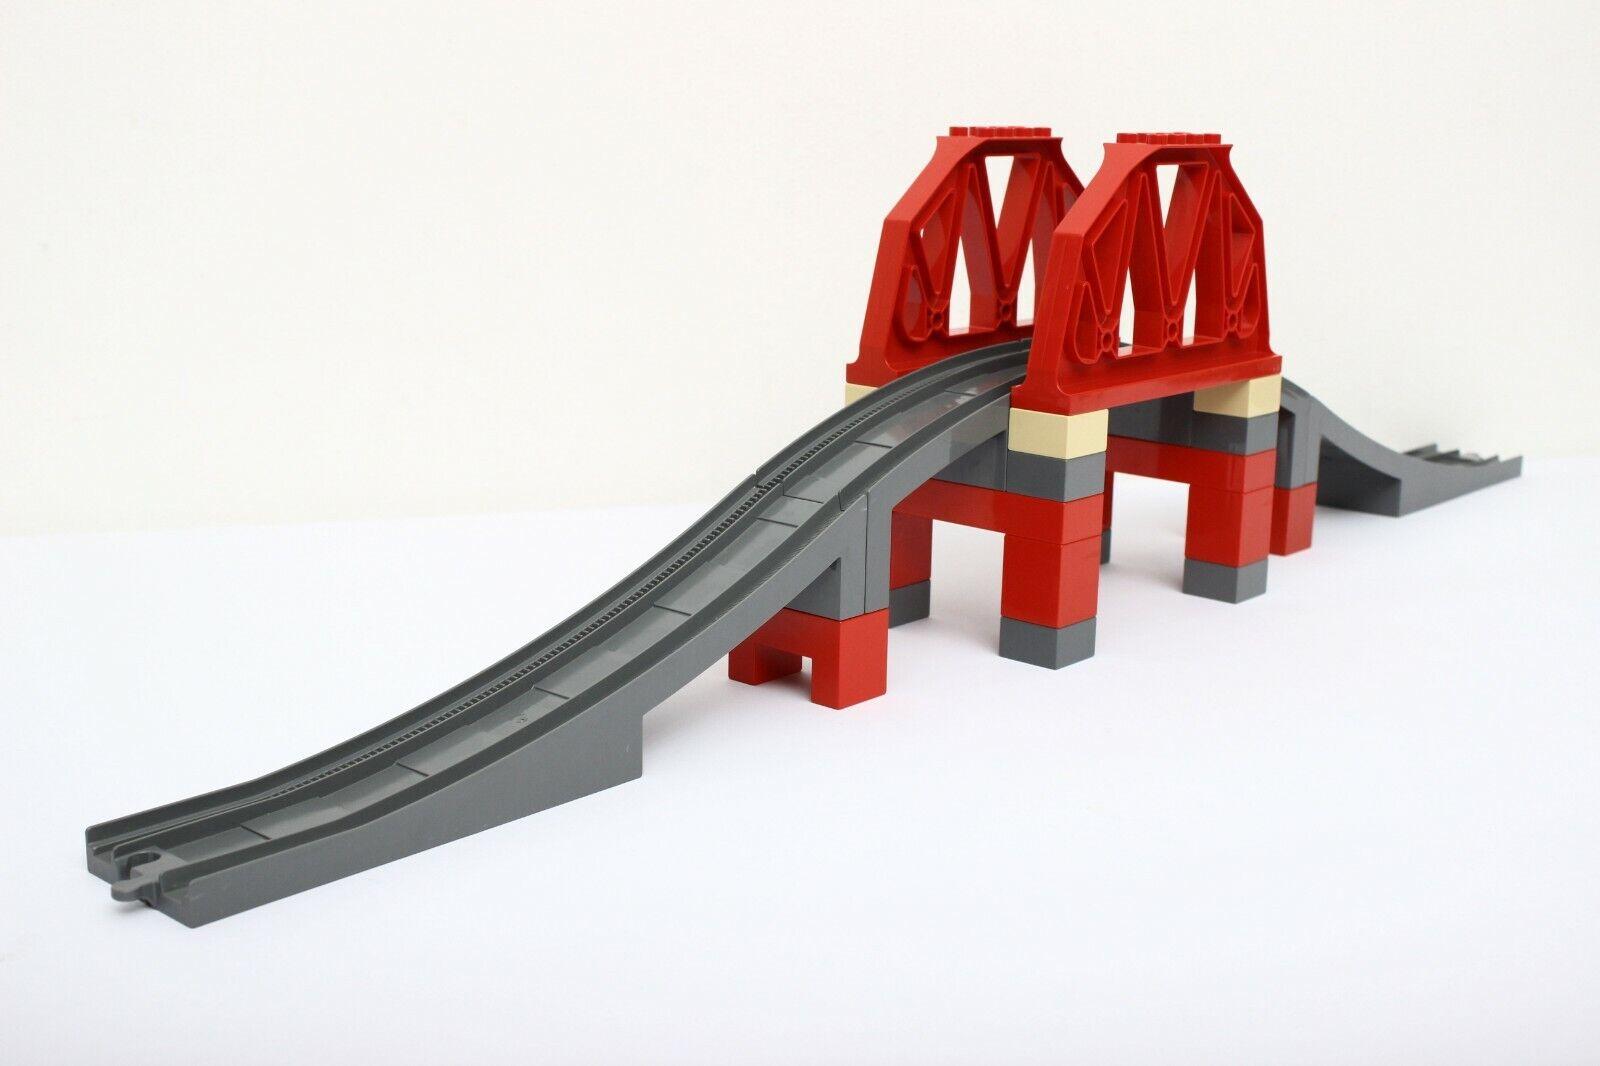 Lego  Duplo Train Set 3774-1 Bridge 100% completare  stanno facendo attività di sconto